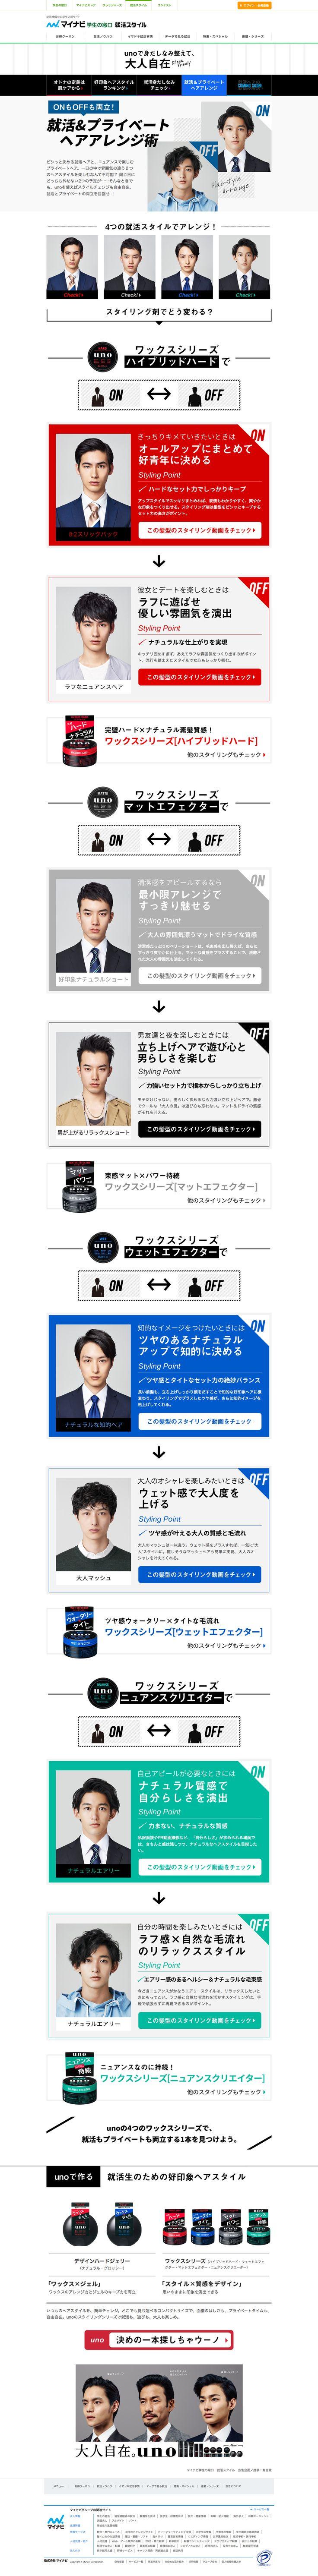 人事のホンネから探る!ココは押さえたい、就活身だしなみチェック  フレッシャーズ マイナビ 学生の窓口 https://gakumado.mynavi.jp/contents/m/articles/style/_tu_otonajizai/uno04/index.php